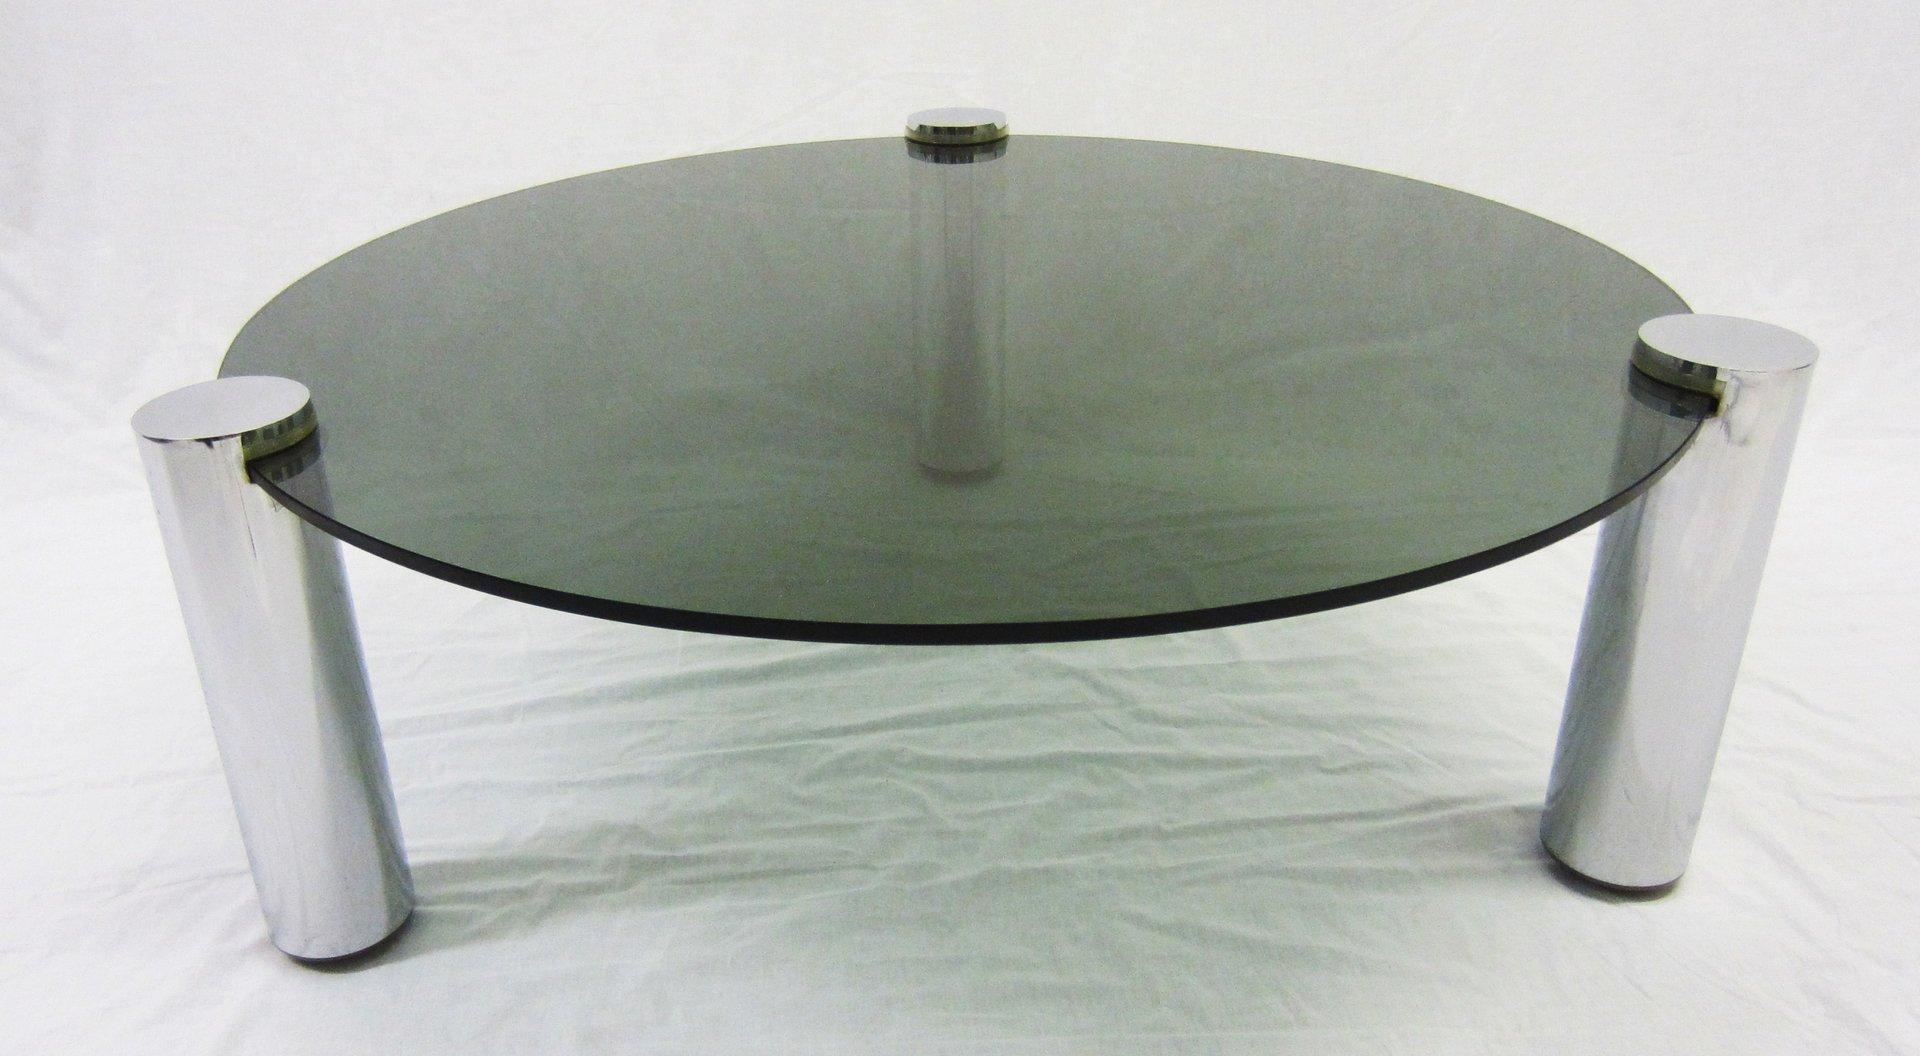 runder couchtisch aus glas und chrom von pieff 1960er bei pamono kaufen. Black Bedroom Furniture Sets. Home Design Ideas